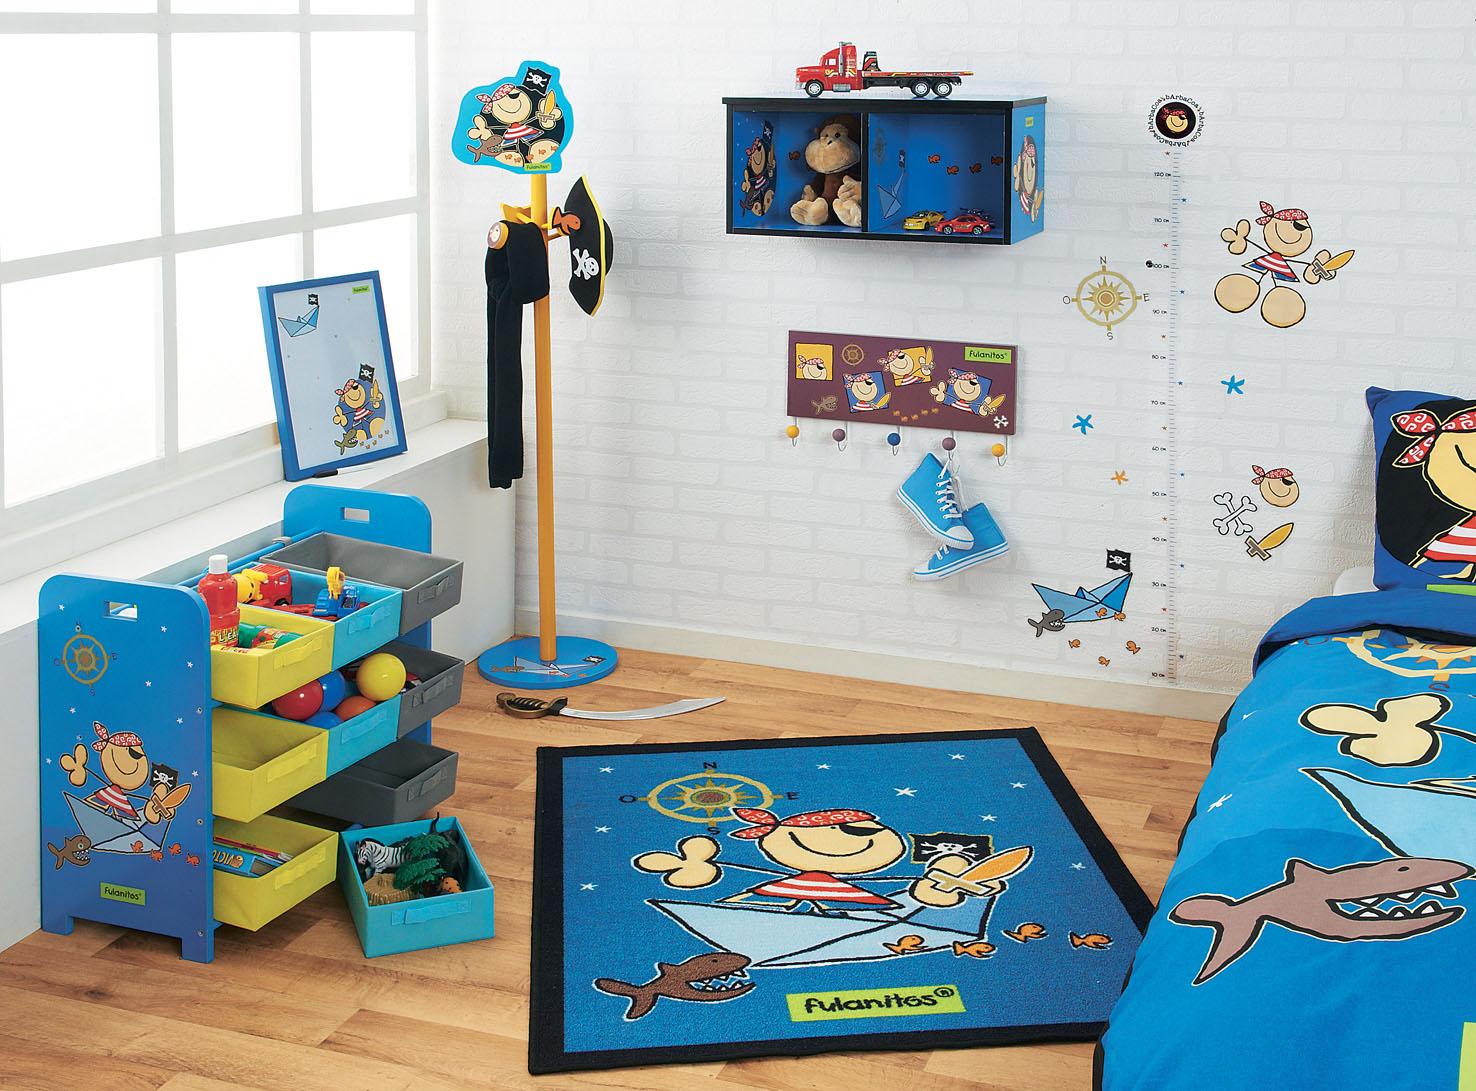 Une Jolie Chambre Pour Votre Enfant Avec La Gamme Fulanitos Chez